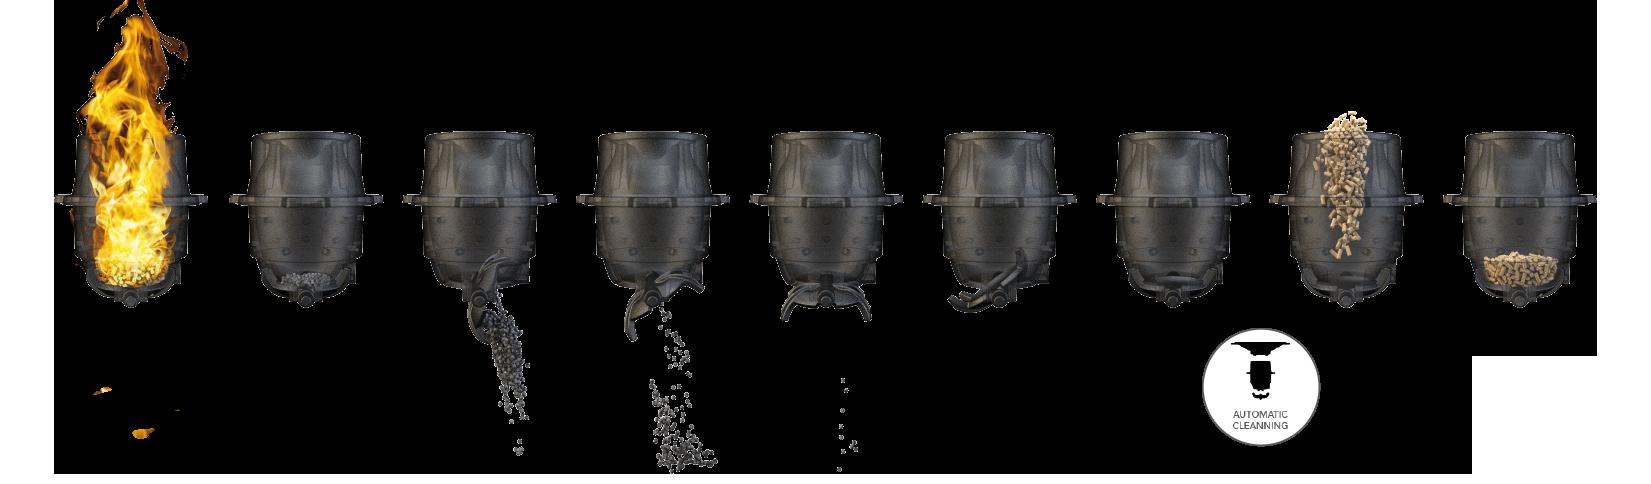 Nettoyage automatique du brasier du poêle à granulé de la société eyrard spécialiste du chauffage à charleville mezieres